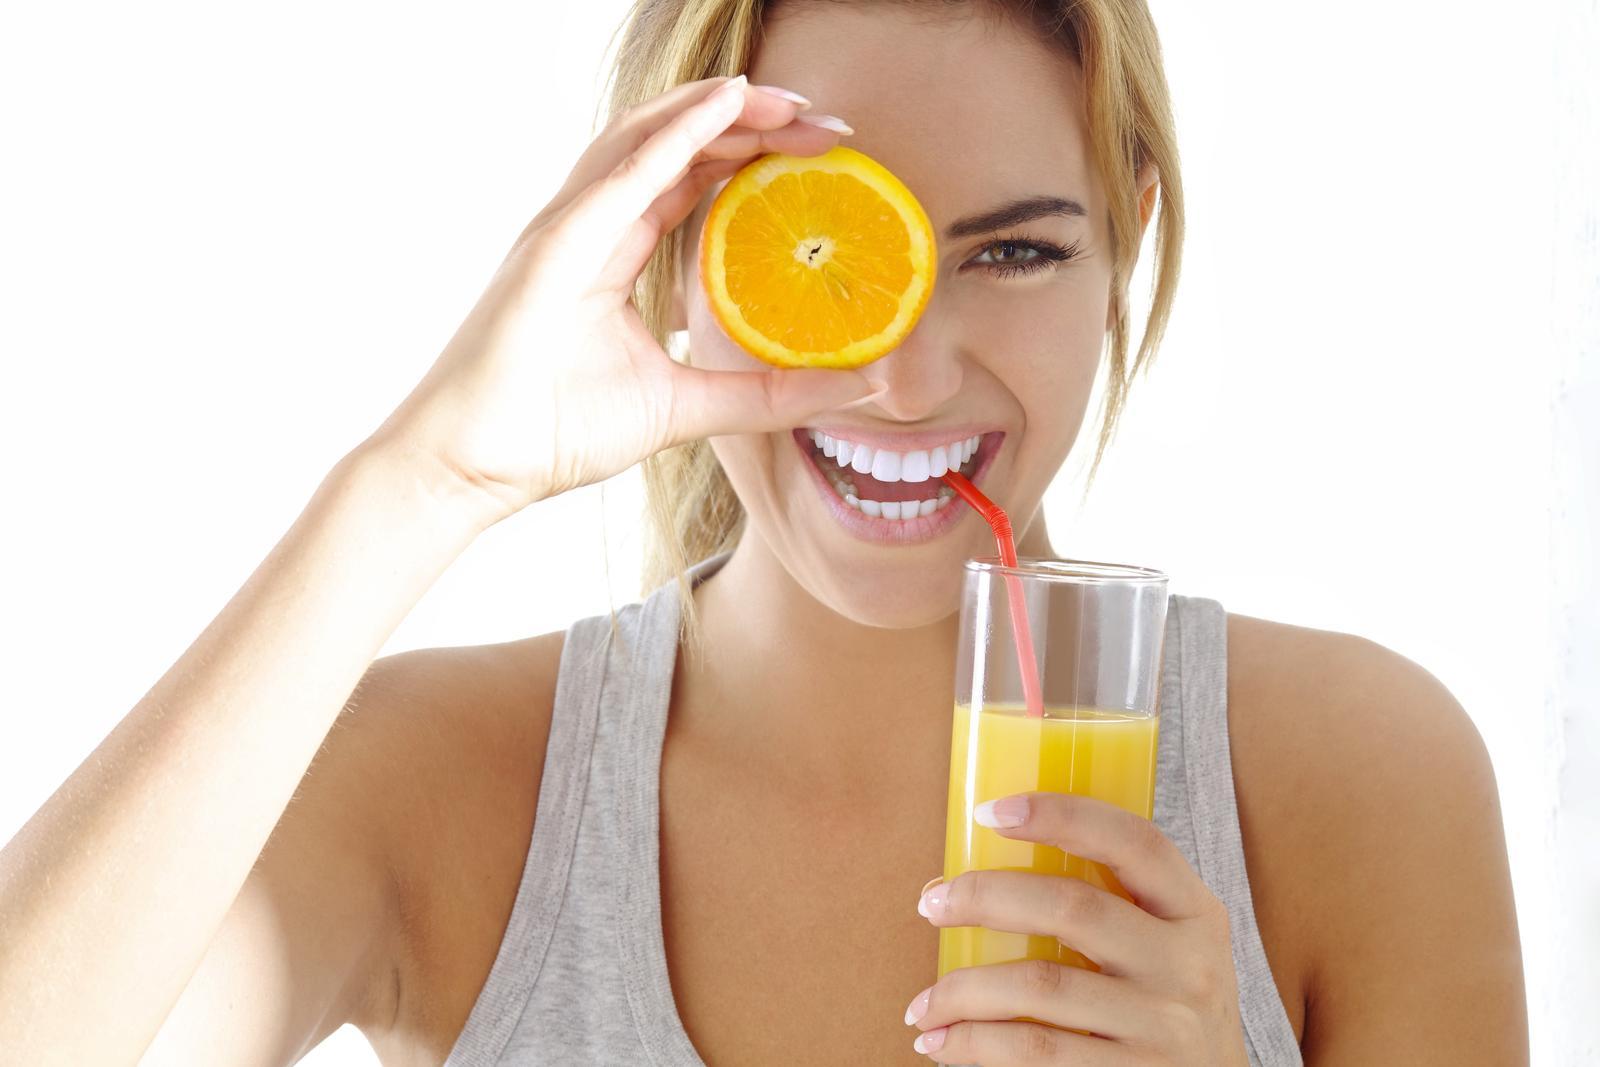 širdies sveikos apelsinų sultys